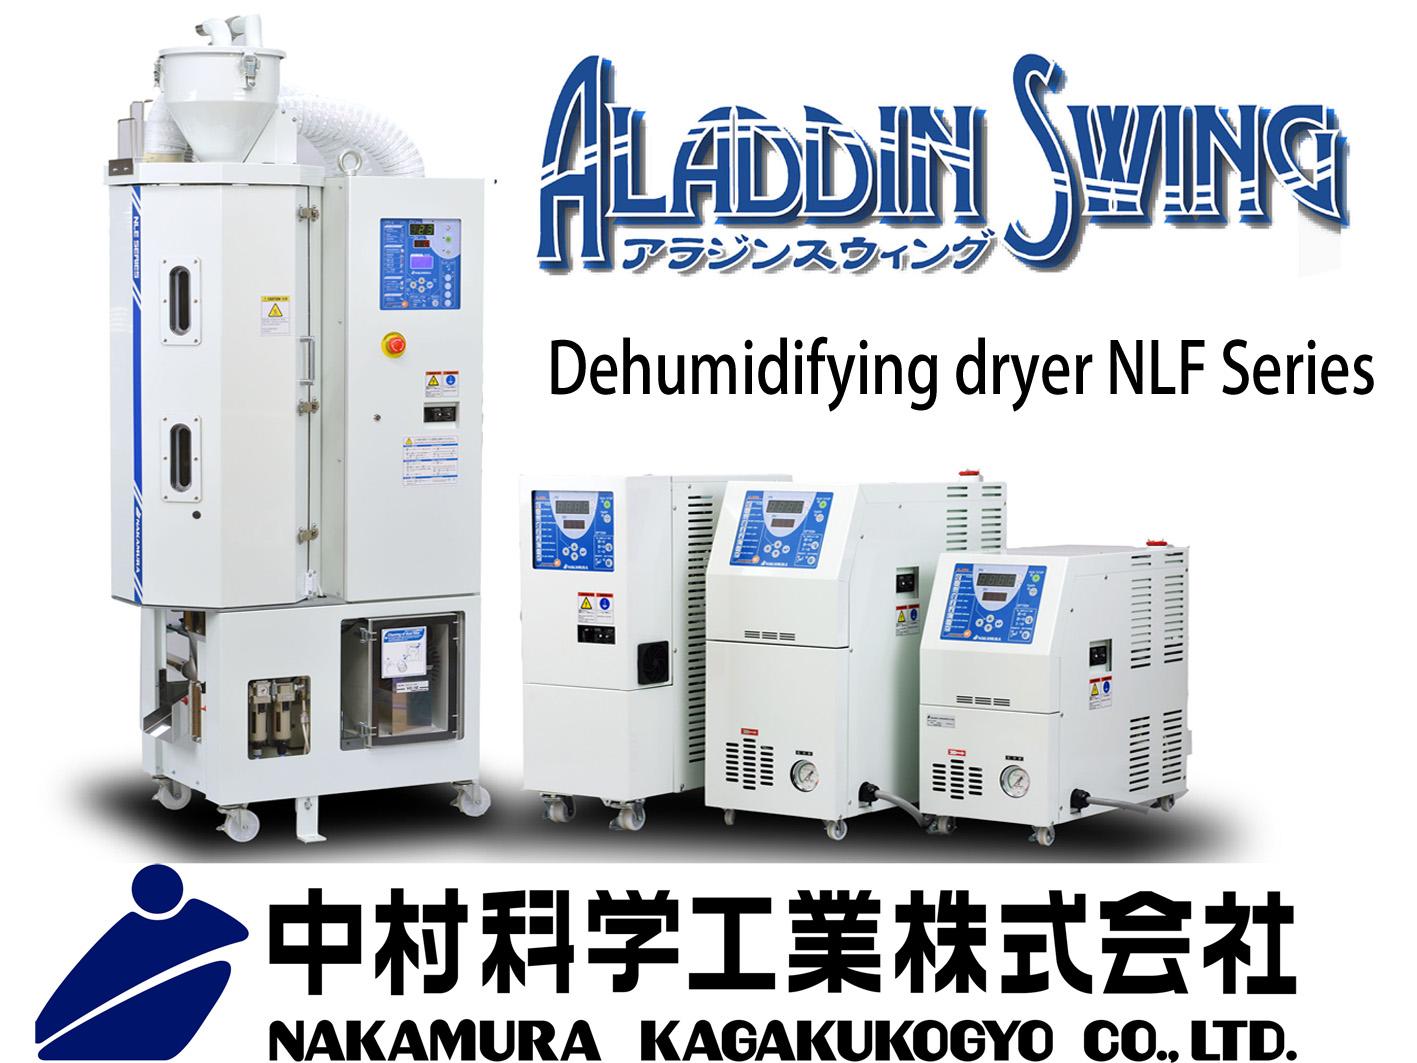 除湿乾燥機 ホッパードライヤ 金型温度調節機